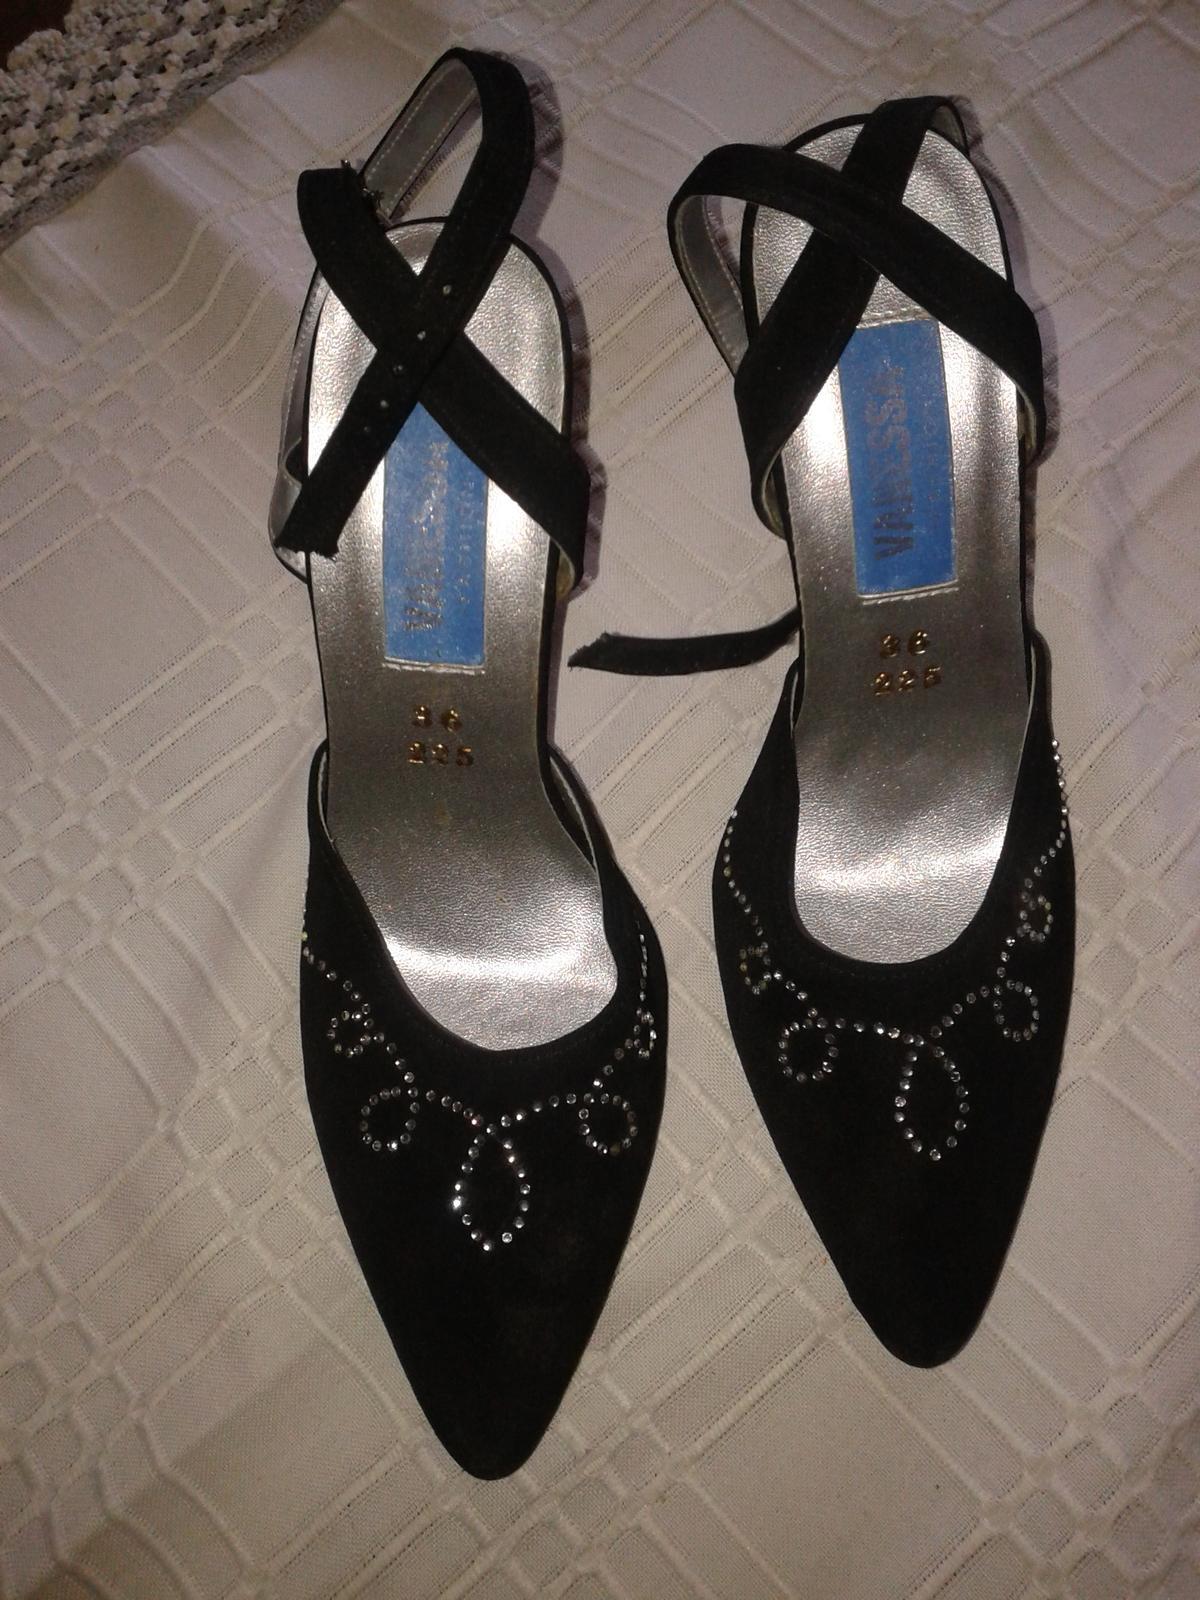 čierne spoloč.topánky s kamienkami v. 36 - Obrázok č. 1